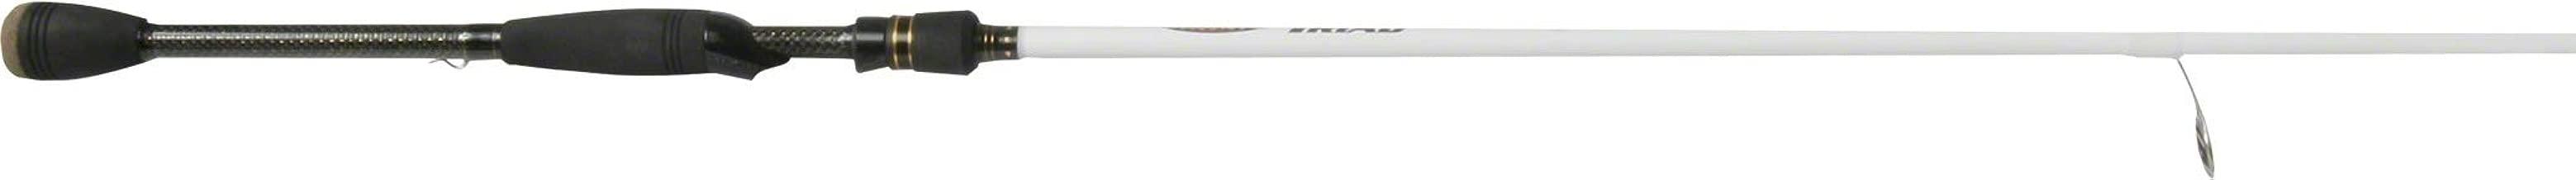 Duckett Fishing DFTR70M-S Triad Rod